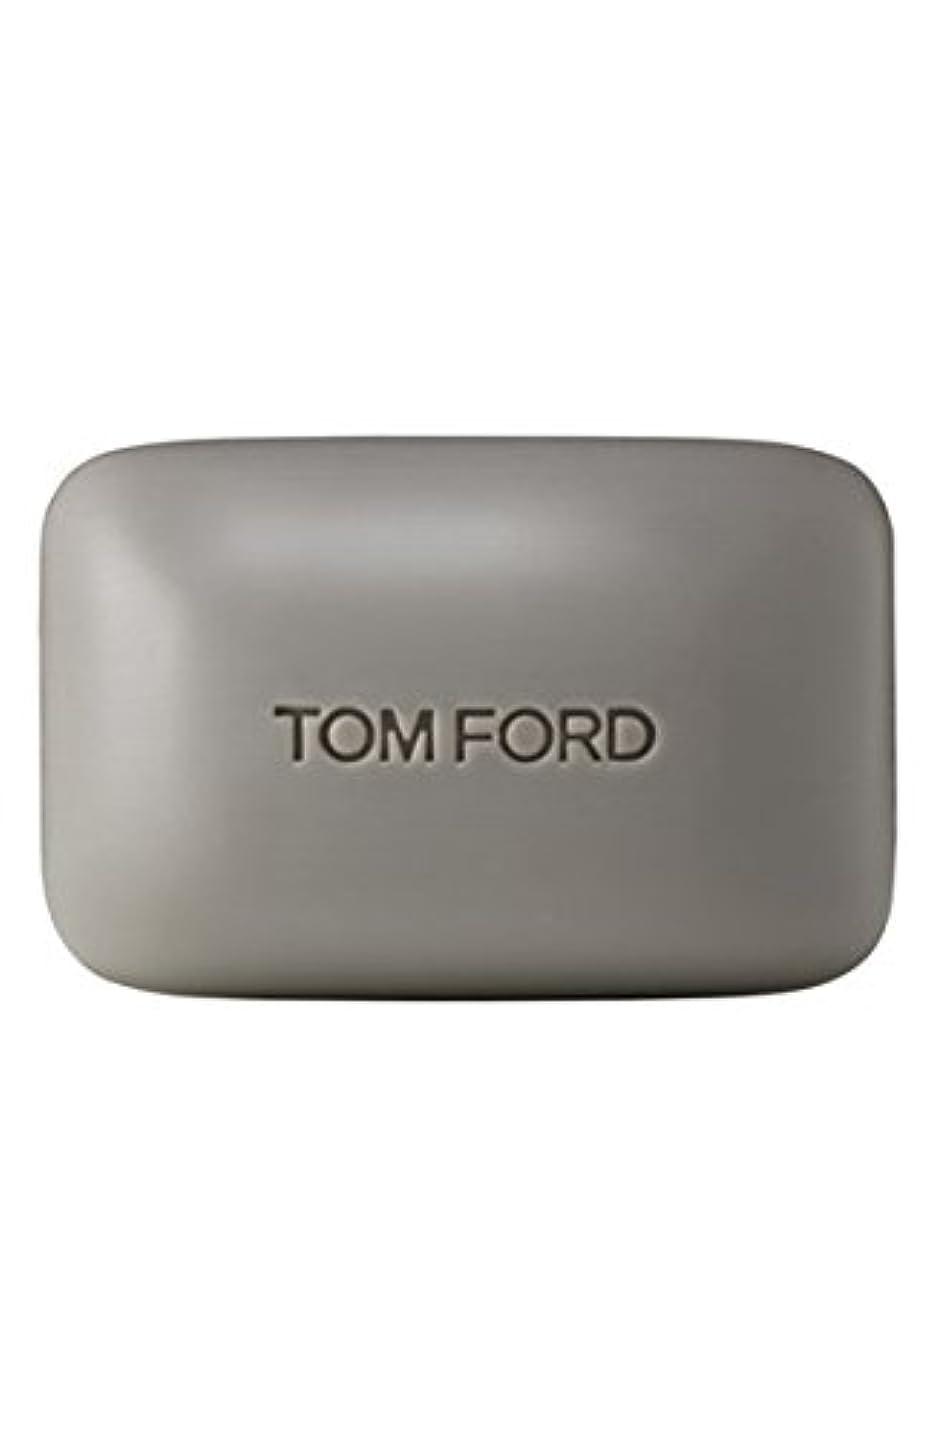 感謝しているユーモラス日没Tom Ford Private Blend 'Oud Wood' (トムフォード プライベートブレンド オードウッド) 5.5 oz (165ml) Bar Soap (固形石鹸)